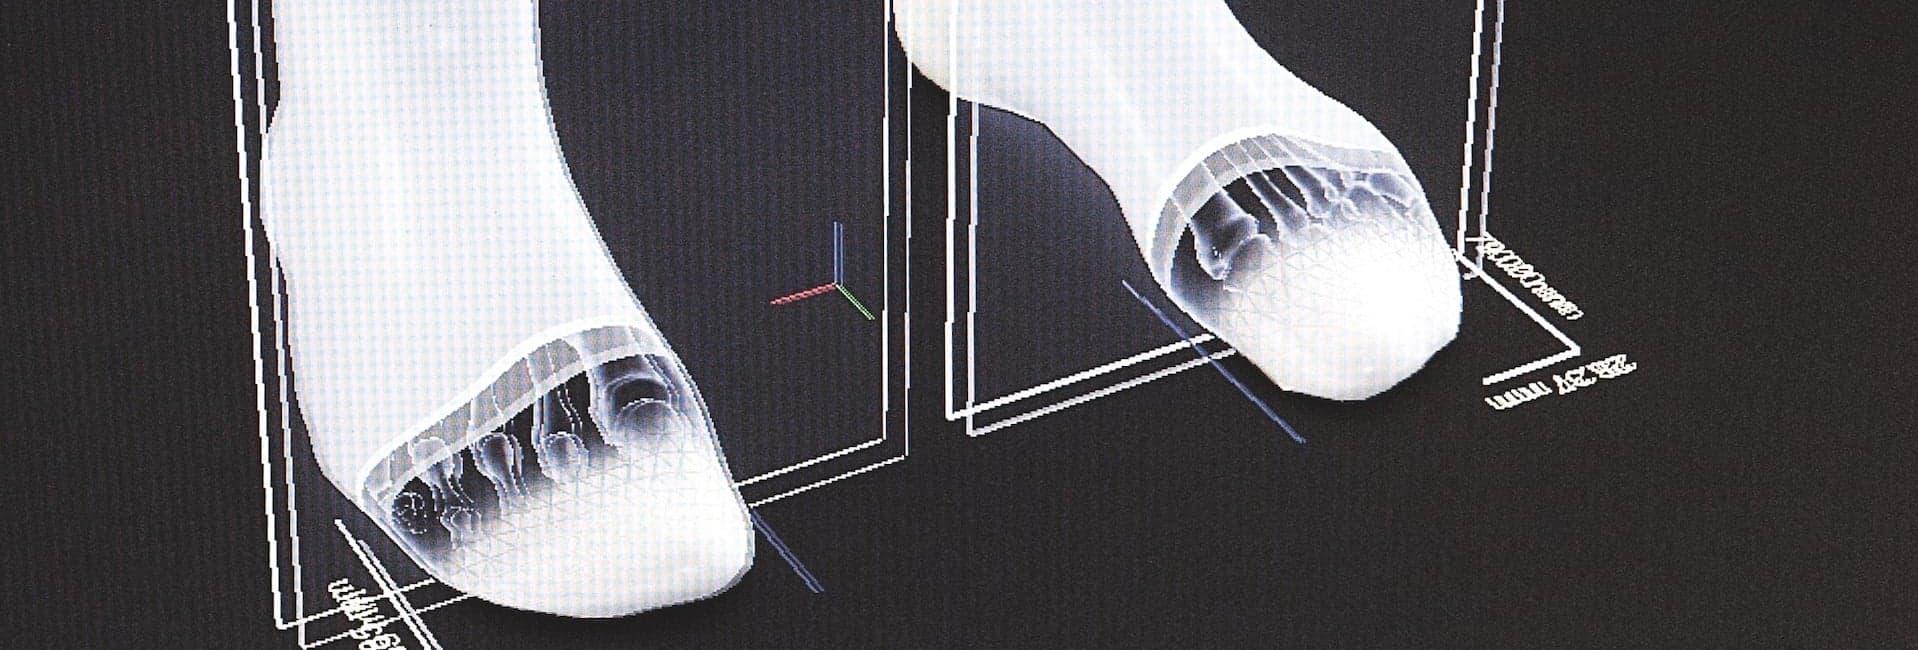 3D-Fußscan für Laufschuhe